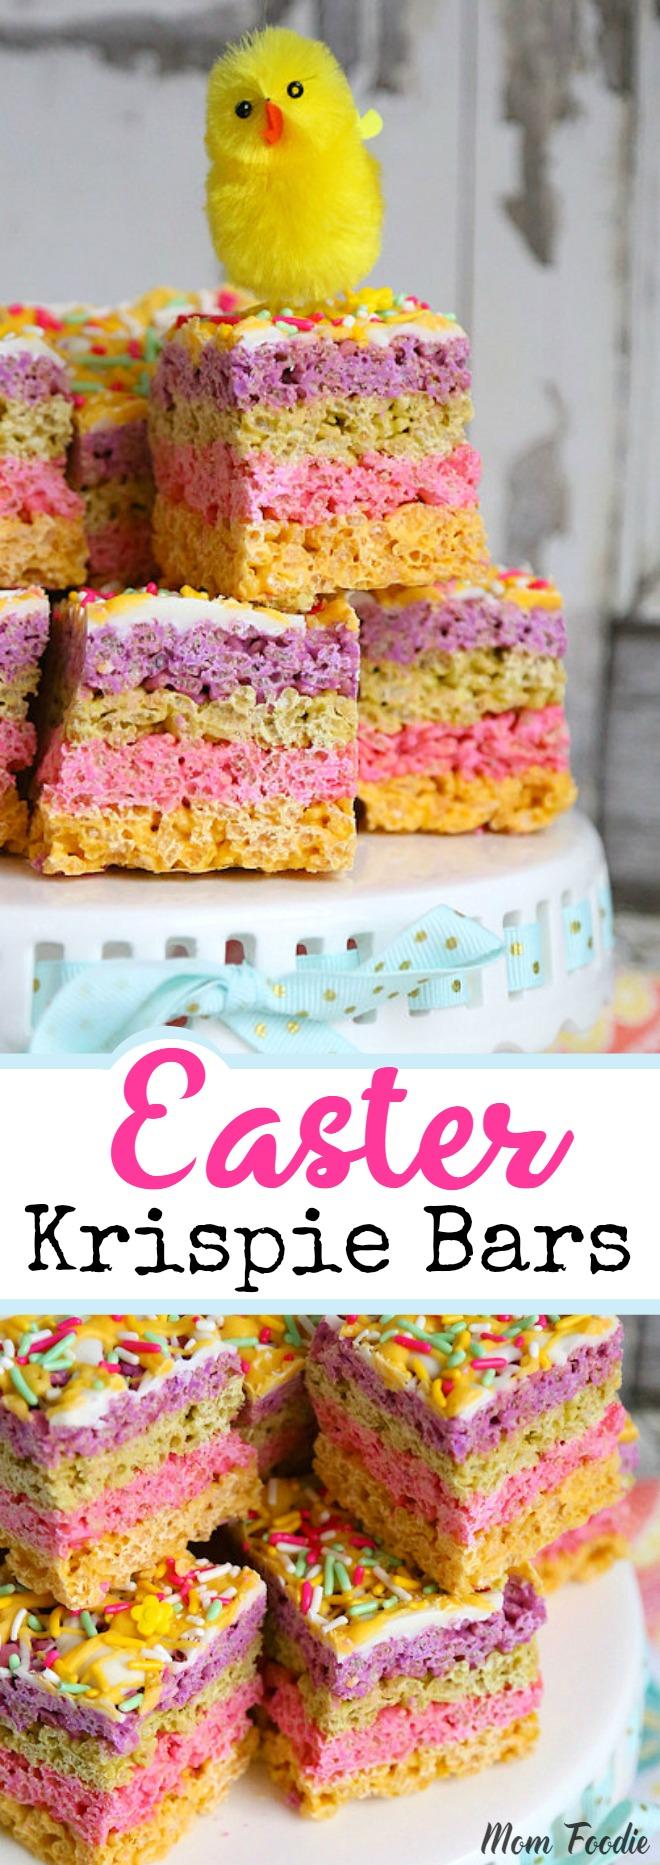 Easter Rice Krispie Treats - Striped Pastel Chocolate Krispie bars